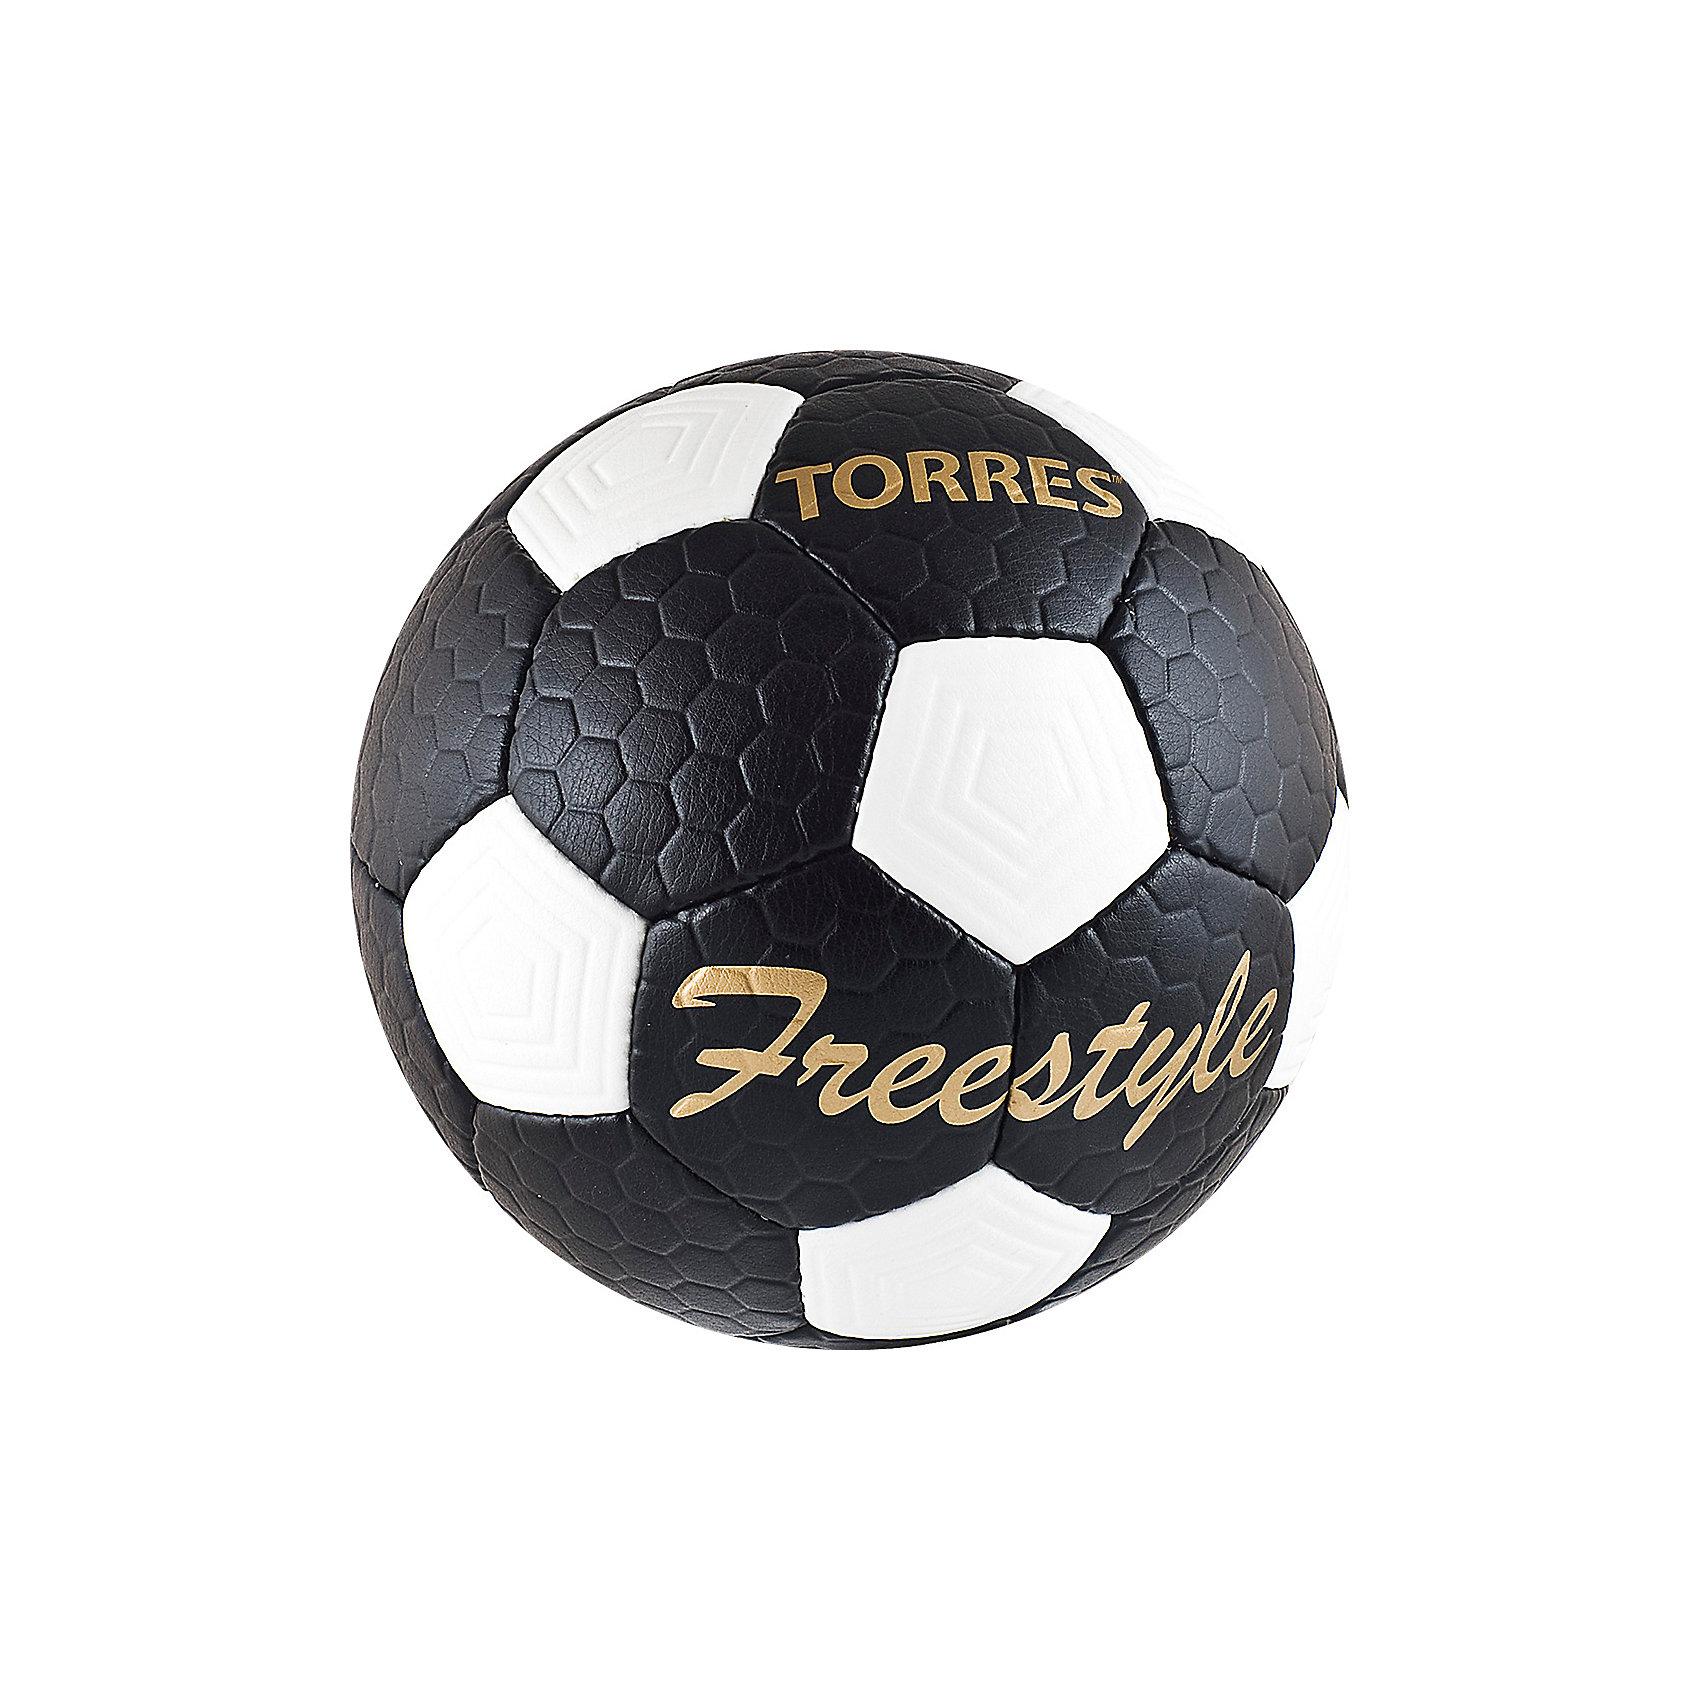 Футбольный мяч Free Style  p.5, TORRESМячи детские<br>Основные характеристики<br><br>Тип: футбольный<br>Размер: 5 <br>Окружность: 68-70см<br>Количество панелей: 32<br>Количество подкладочных слоев: 4<br>Вес: 410-450гр<br>Материалы камеры: латексная<br>Материал покрышки: матовый полиуретан<br>Тип соединения панелей: ручная сшивка<br>Цвет основной: черный<br>Цвет дополнительный: белый, золотой<br>Вид применения: тренировочный уровень игры в футбол<br>Подходит для игры на любых поверхностях в любых погодных условиях (при соблюдении условий эксплуатации и ухода)<br>Страна-производитель: Пакистан<br>Упаковка: полиэтиленовый пакет (поставляется в сдутом виде)<br><br>Классический черно-белый футбольный мяч с панелями из рифленой синтетической кожи, устойчивой к трению и износу.<br><br>Ширина мм: 223<br>Глубина мм: 223<br>Высота мм: 75<br>Вес г: 430<br>Возраст от месяцев: 36<br>Возраст до месяцев: 192<br>Пол: Унисекс<br>Возраст: Детский<br>SKU: 5056648